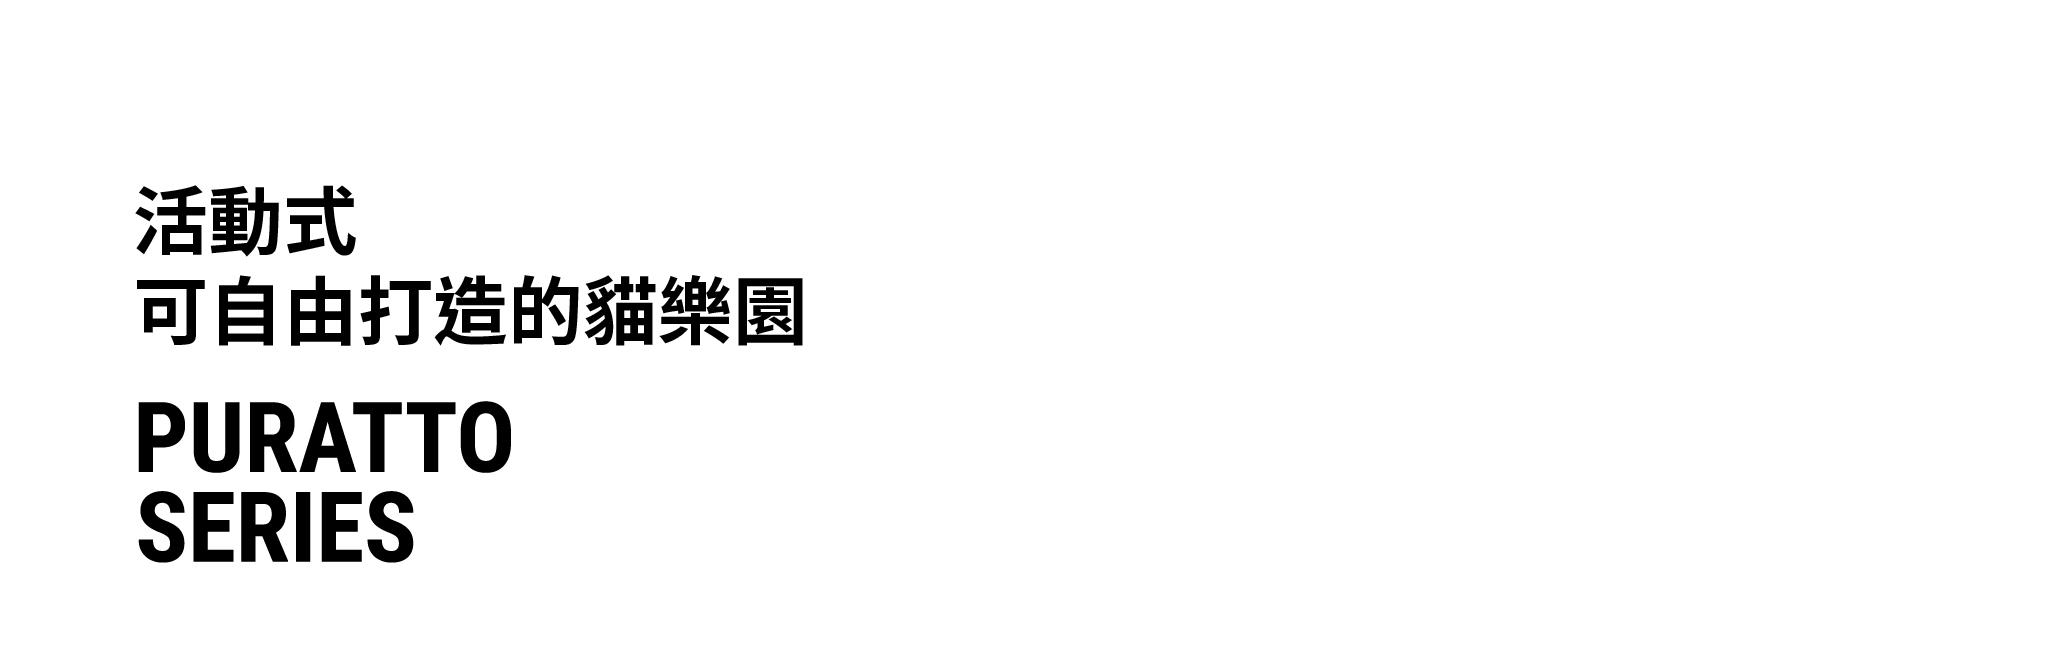 template_PURATTO-01.jpg